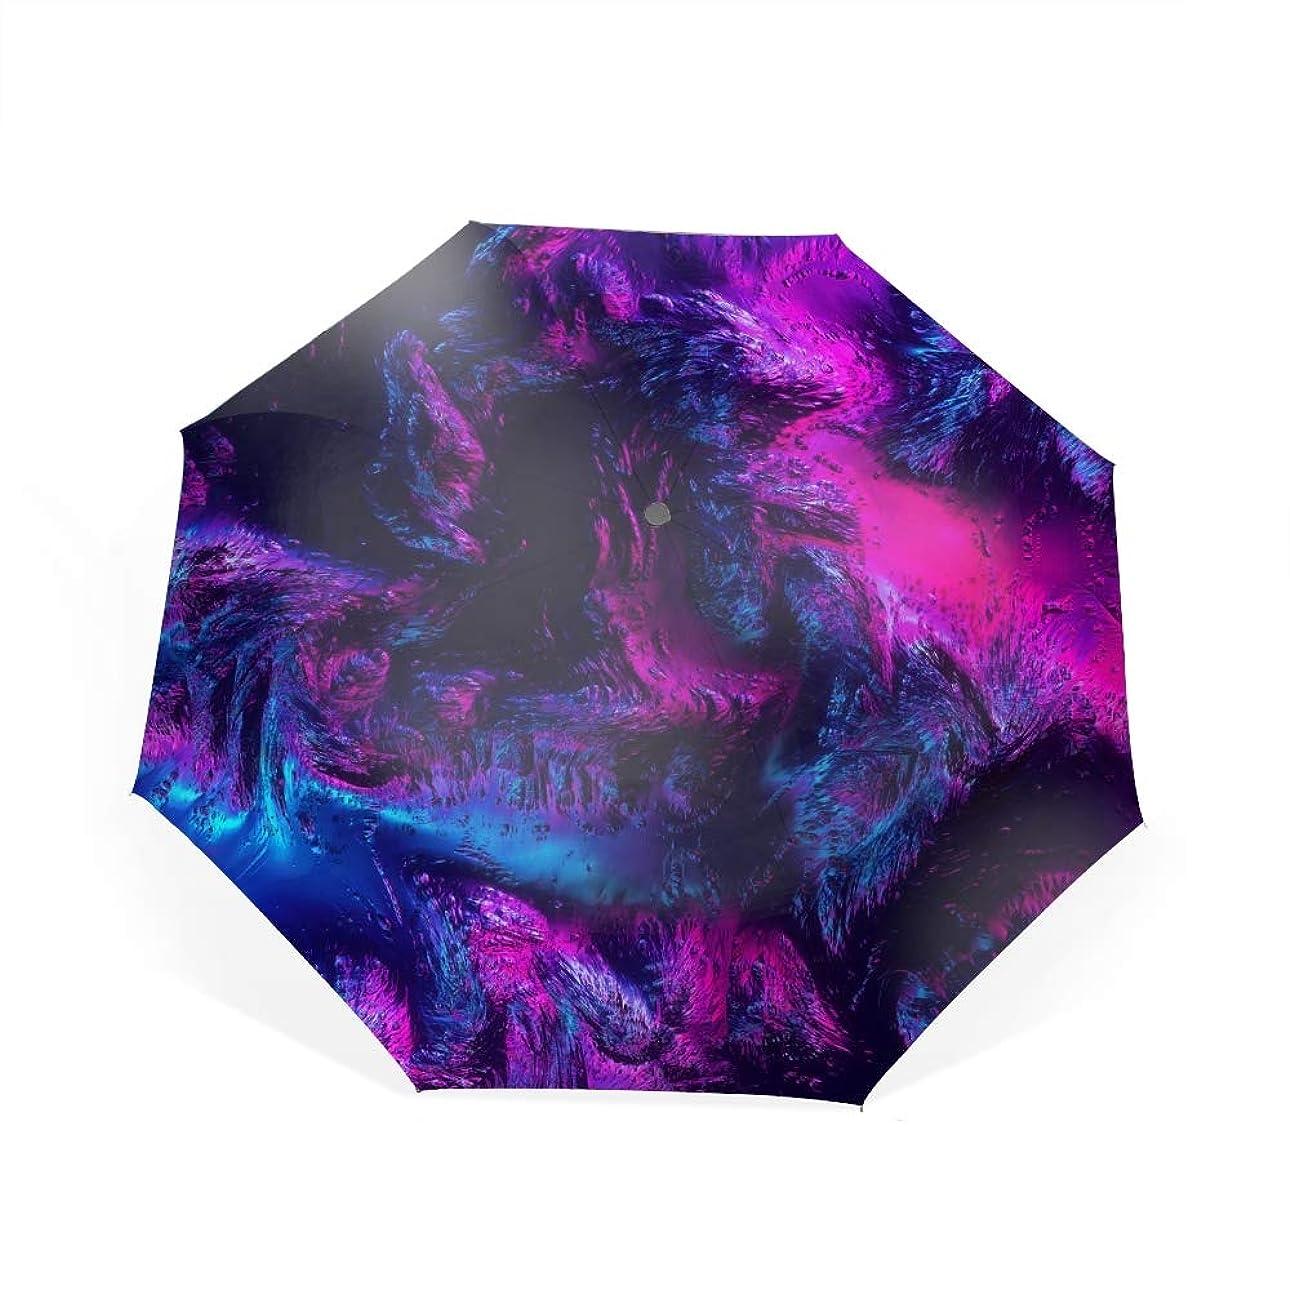 材料反対に赤道山頂トップビューバイオレット自動開閉折り畳み傘 2重構造 耐風撥水8本骨 男女兼用 丈夫 大型 大きな傘 梅雨対策 収納ポーチ付き